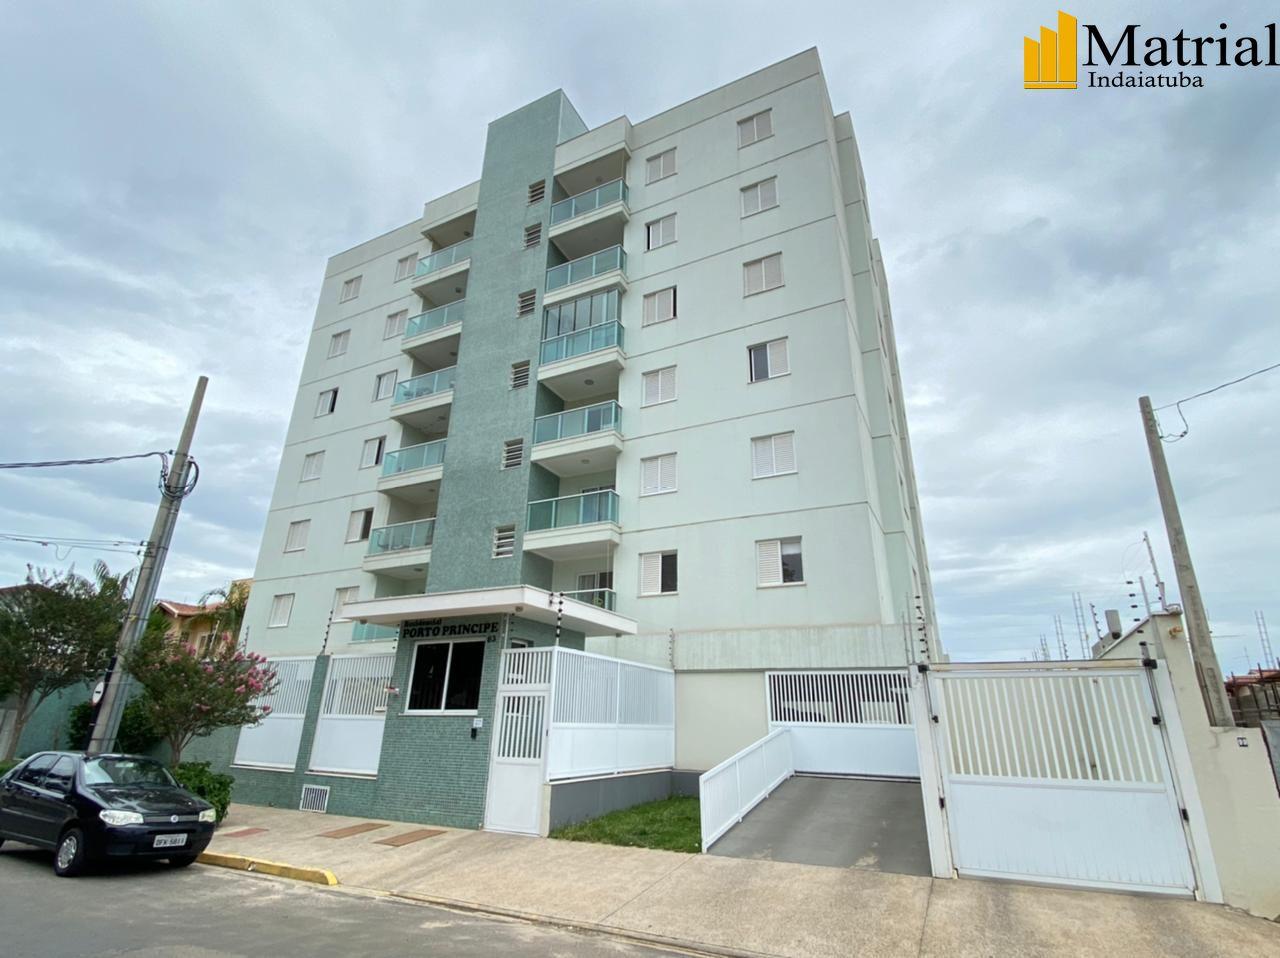 Apartamento com 3 Dormitórios à venda, 80 m² por R$ 350.000,00